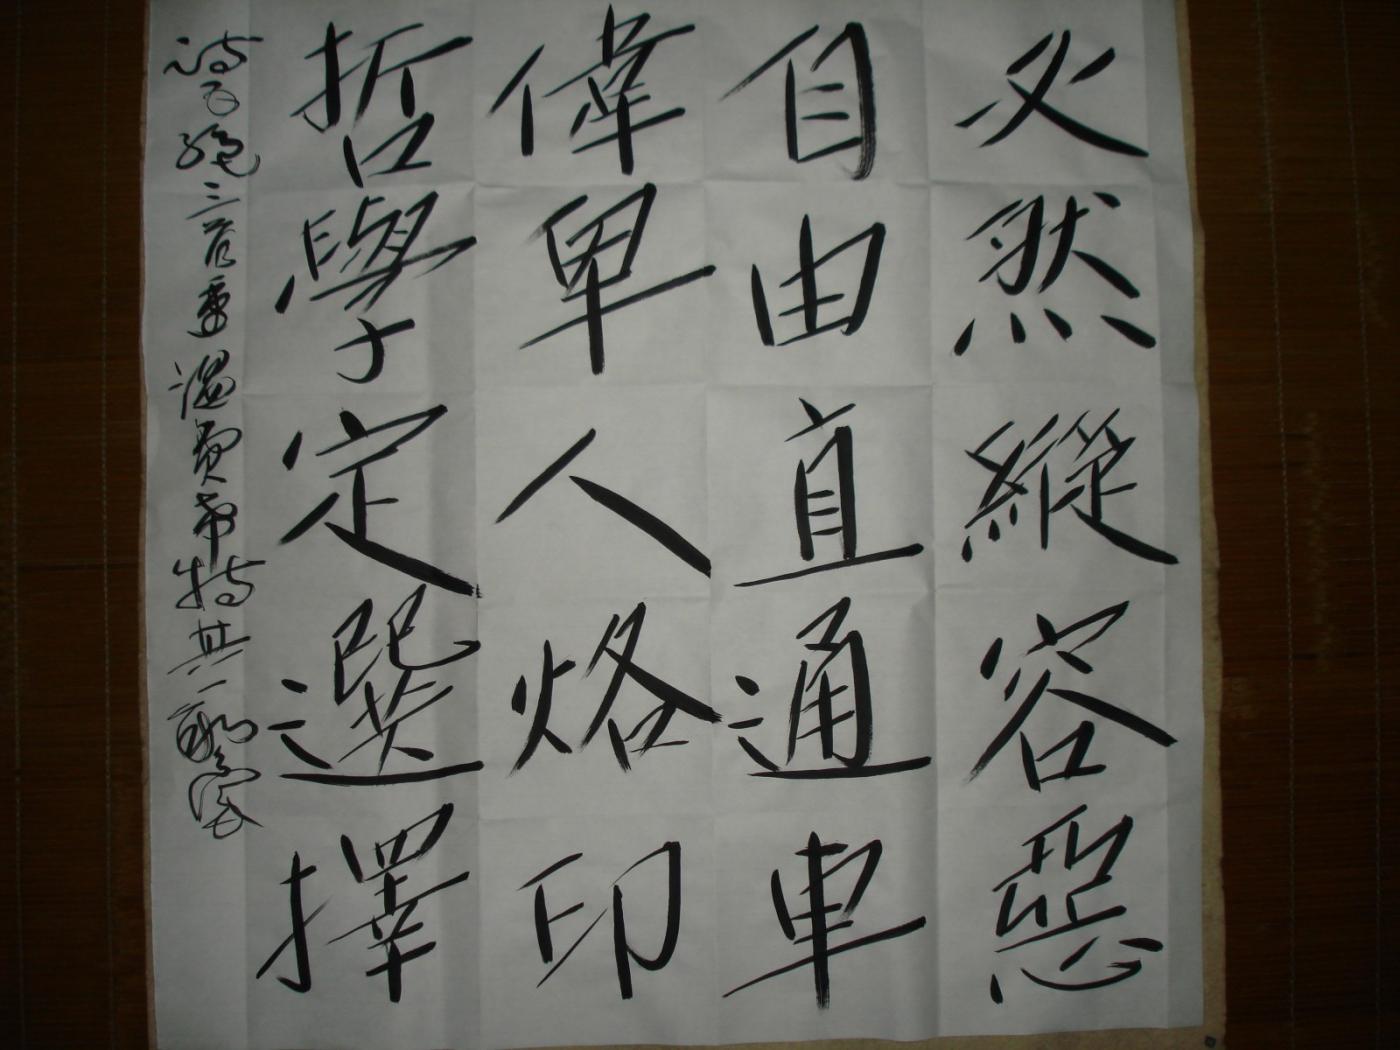 徐敏豪诗五绝3则真榜书2尺生宣斗方3幅(269)_图1-1